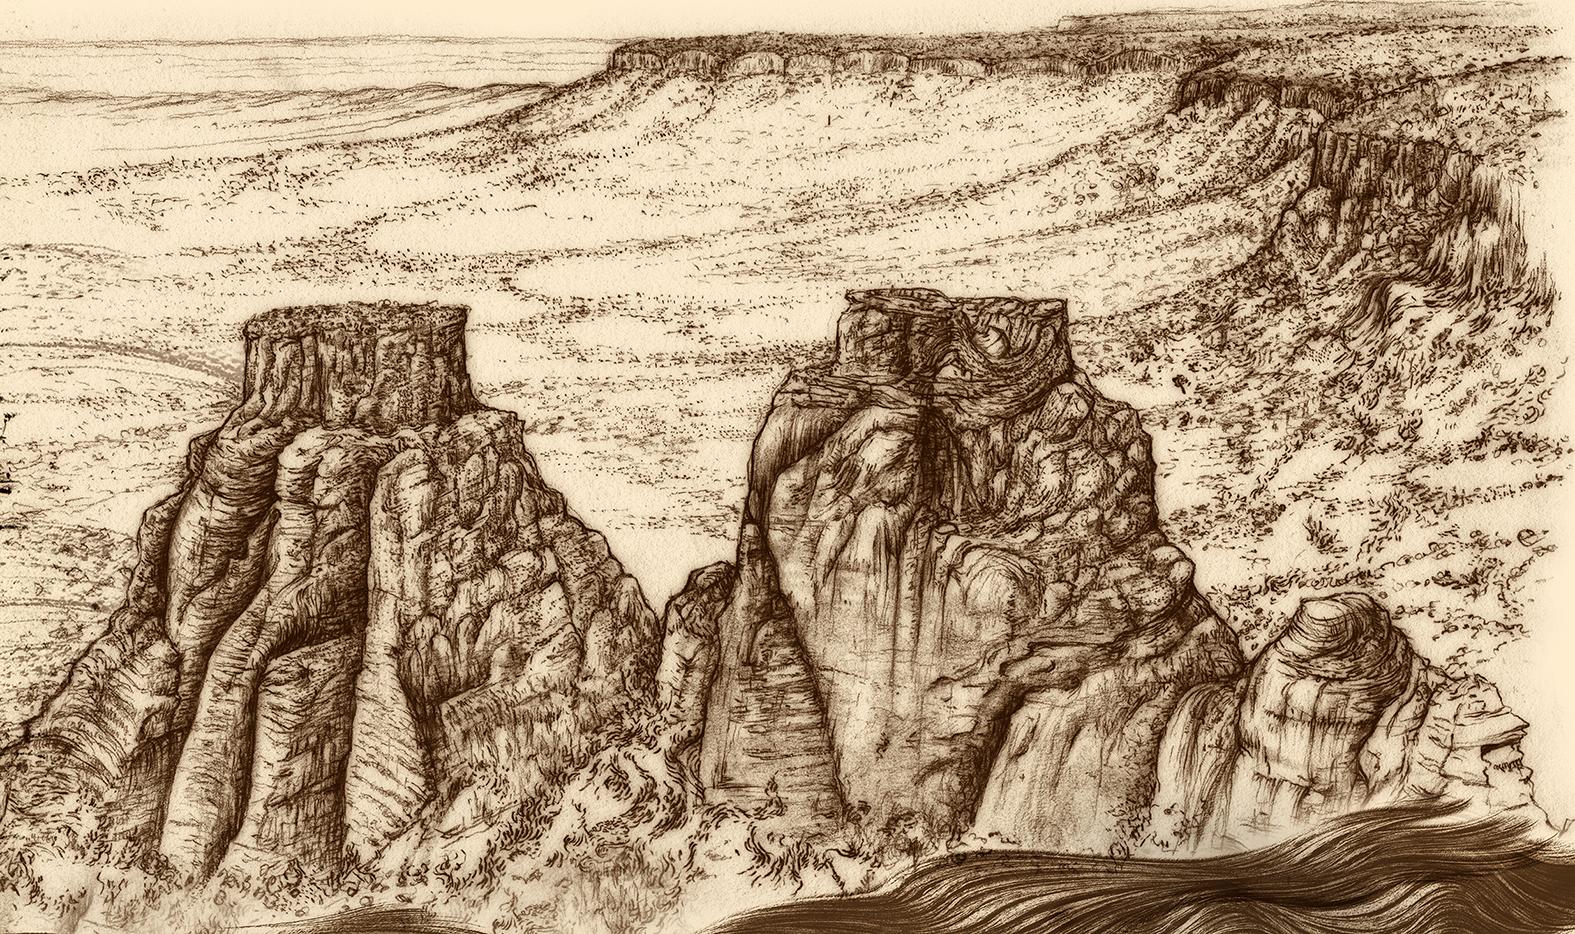 Carnarvon Gorge detail 01 B